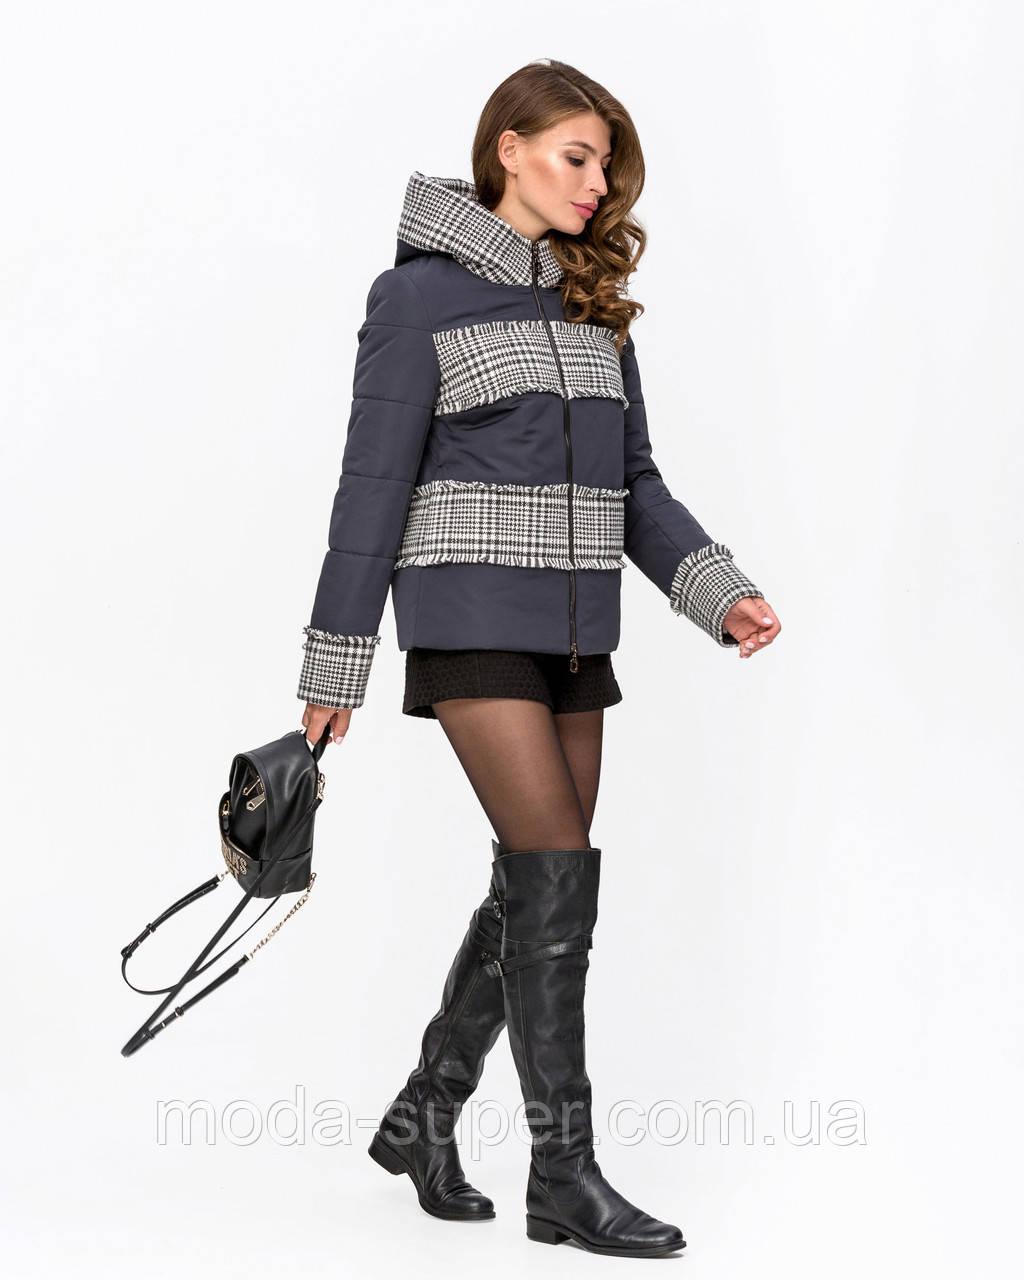 Женская куртка комбинированная с твидом рр 42-50